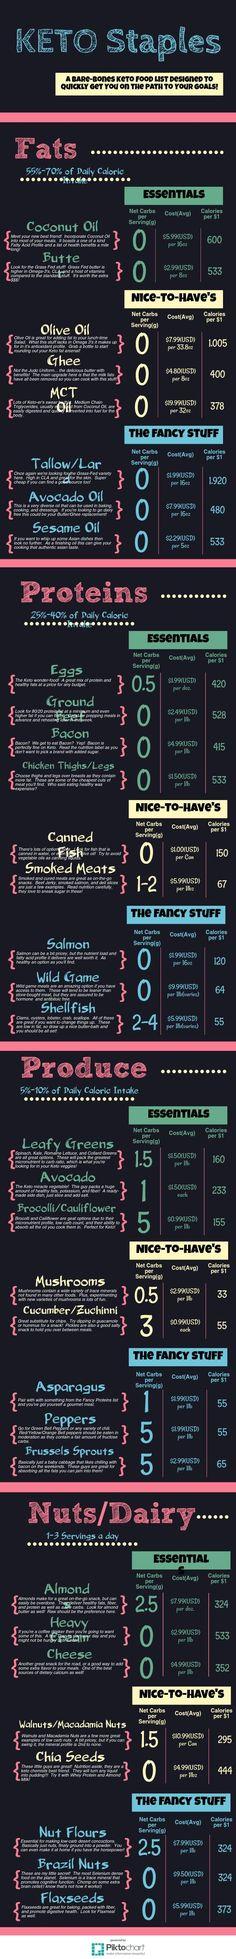 Keto Diet Shopping List | Piktochart Infographic Editor